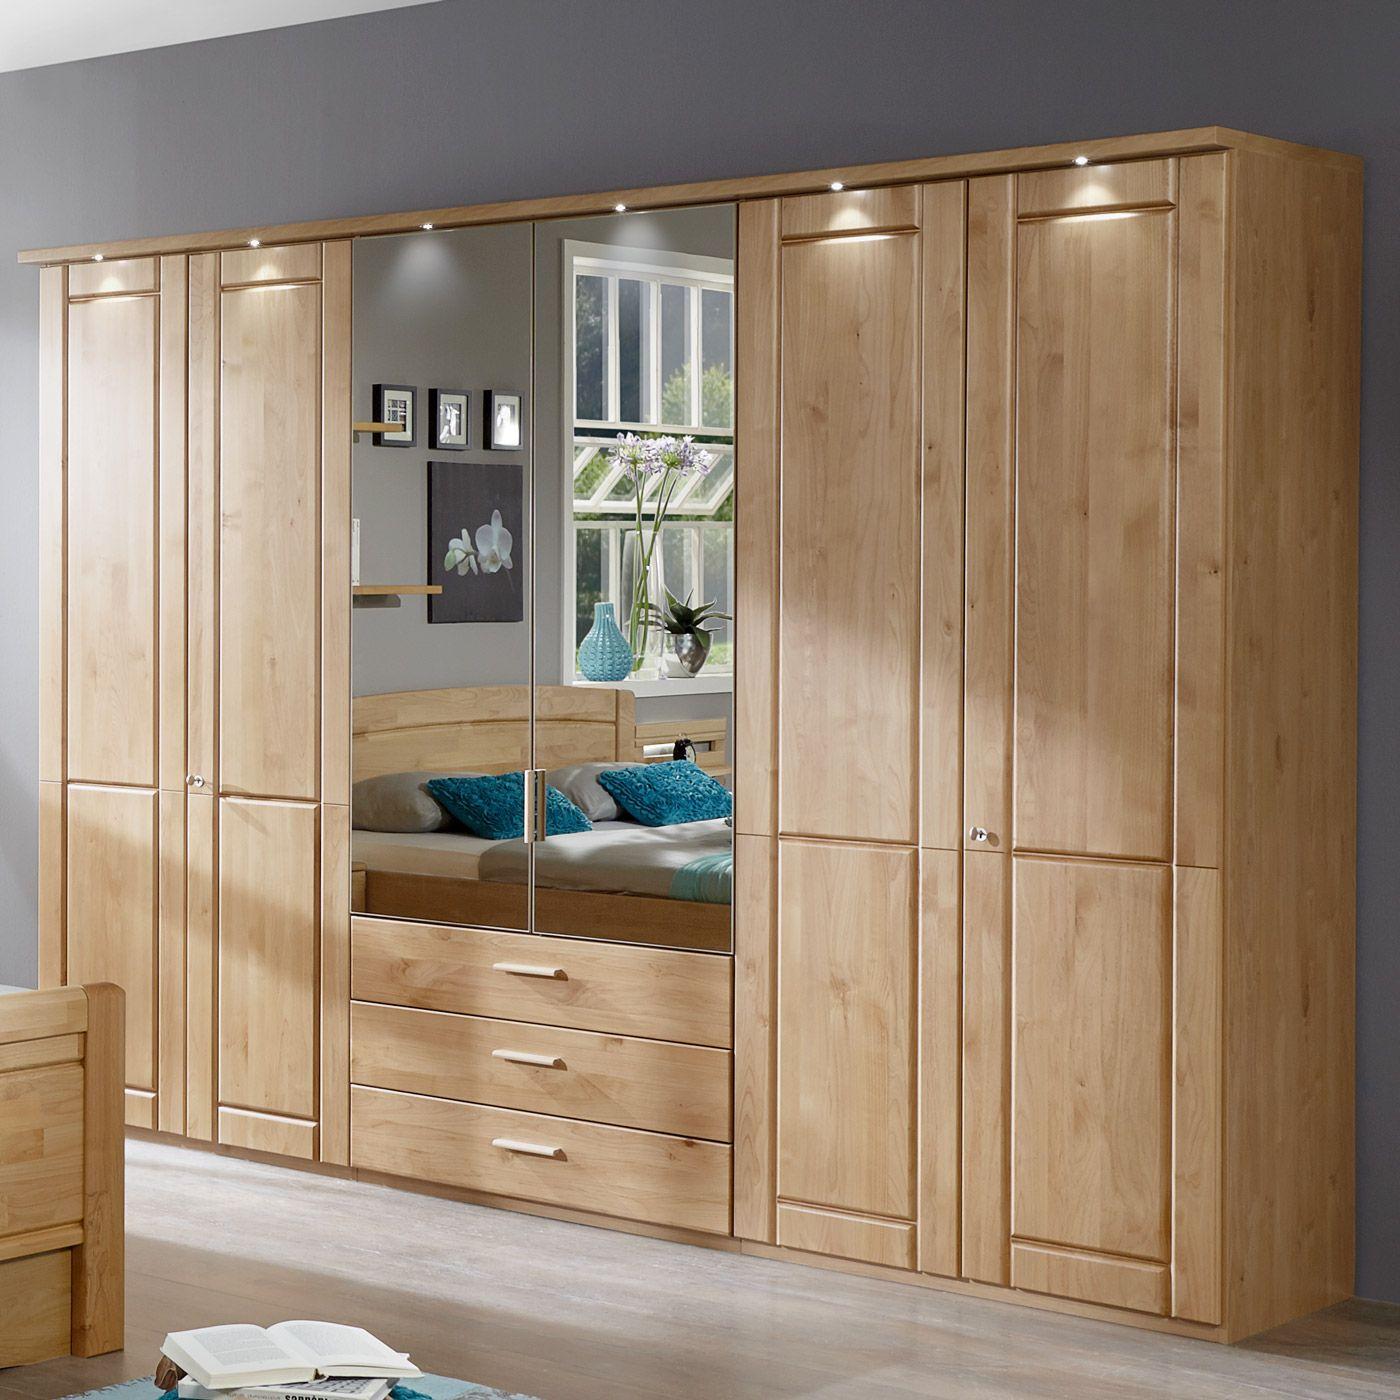 Schlafzimmer Schrank Holz Modern